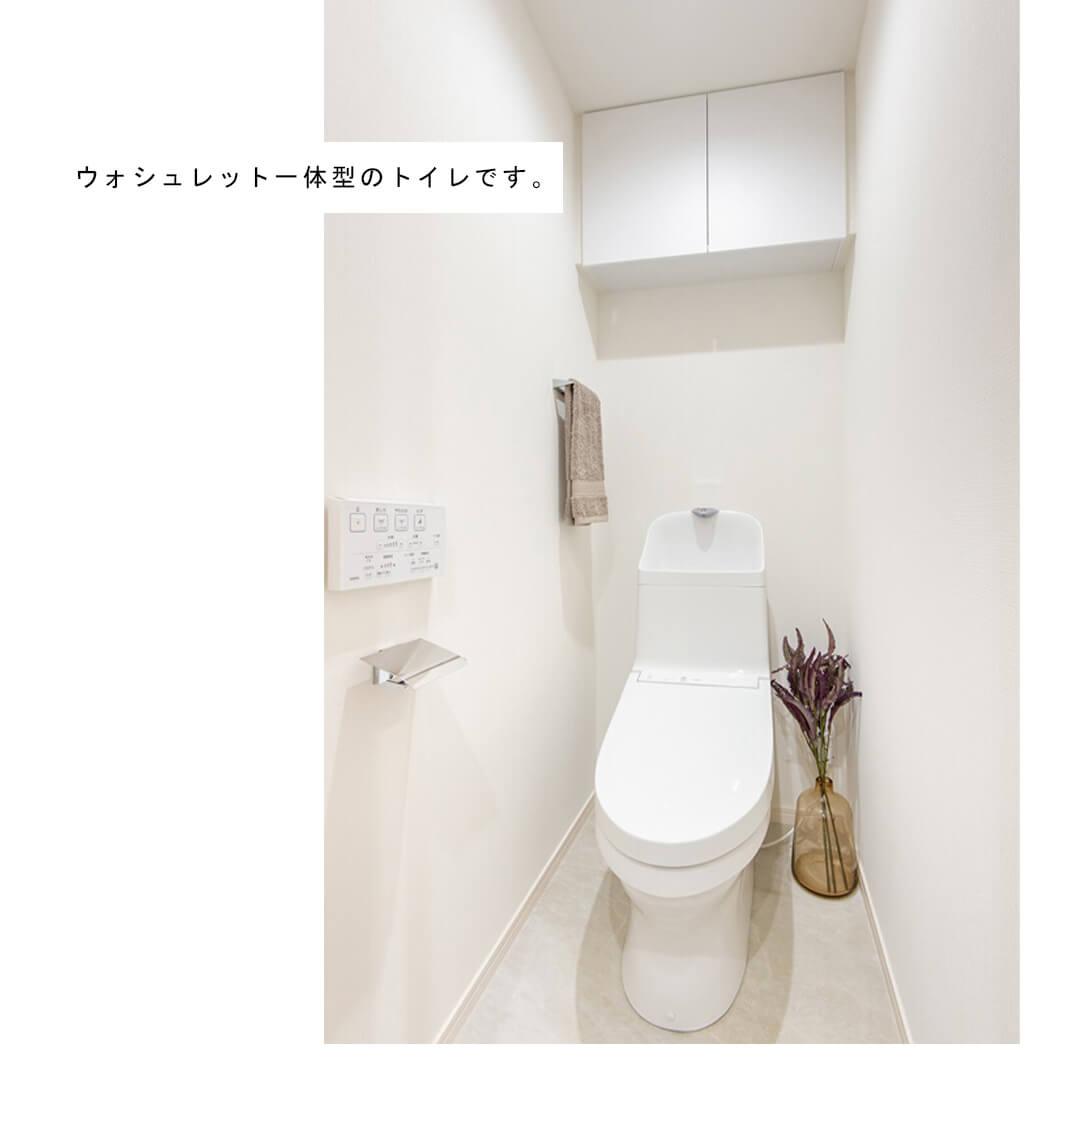 マンション新宿御苑のトイレ